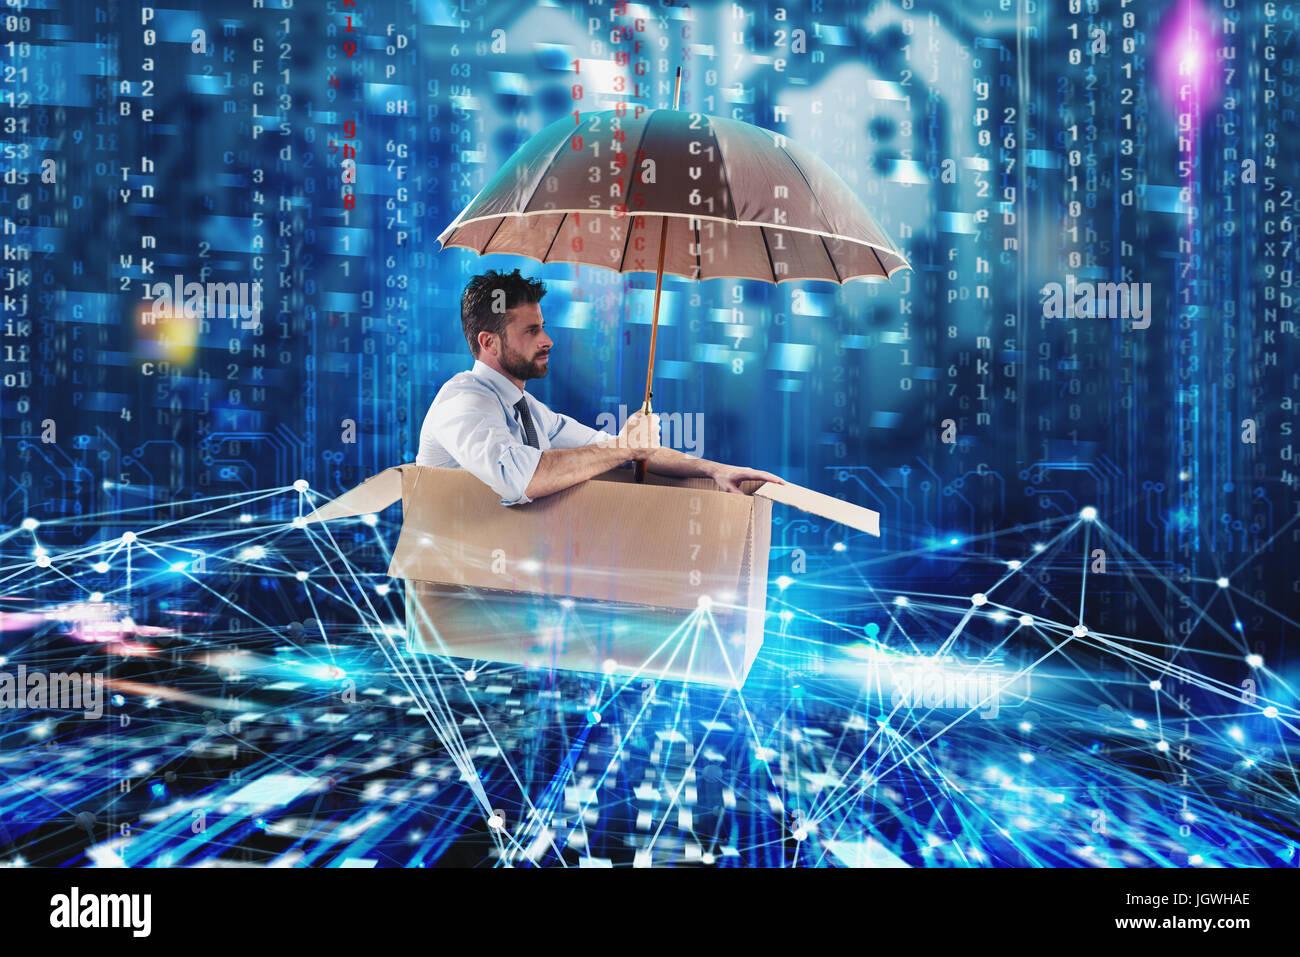 Imprenditore navigare su internet su di un cartone. Esplorazione di Internet concept Immagini Stock